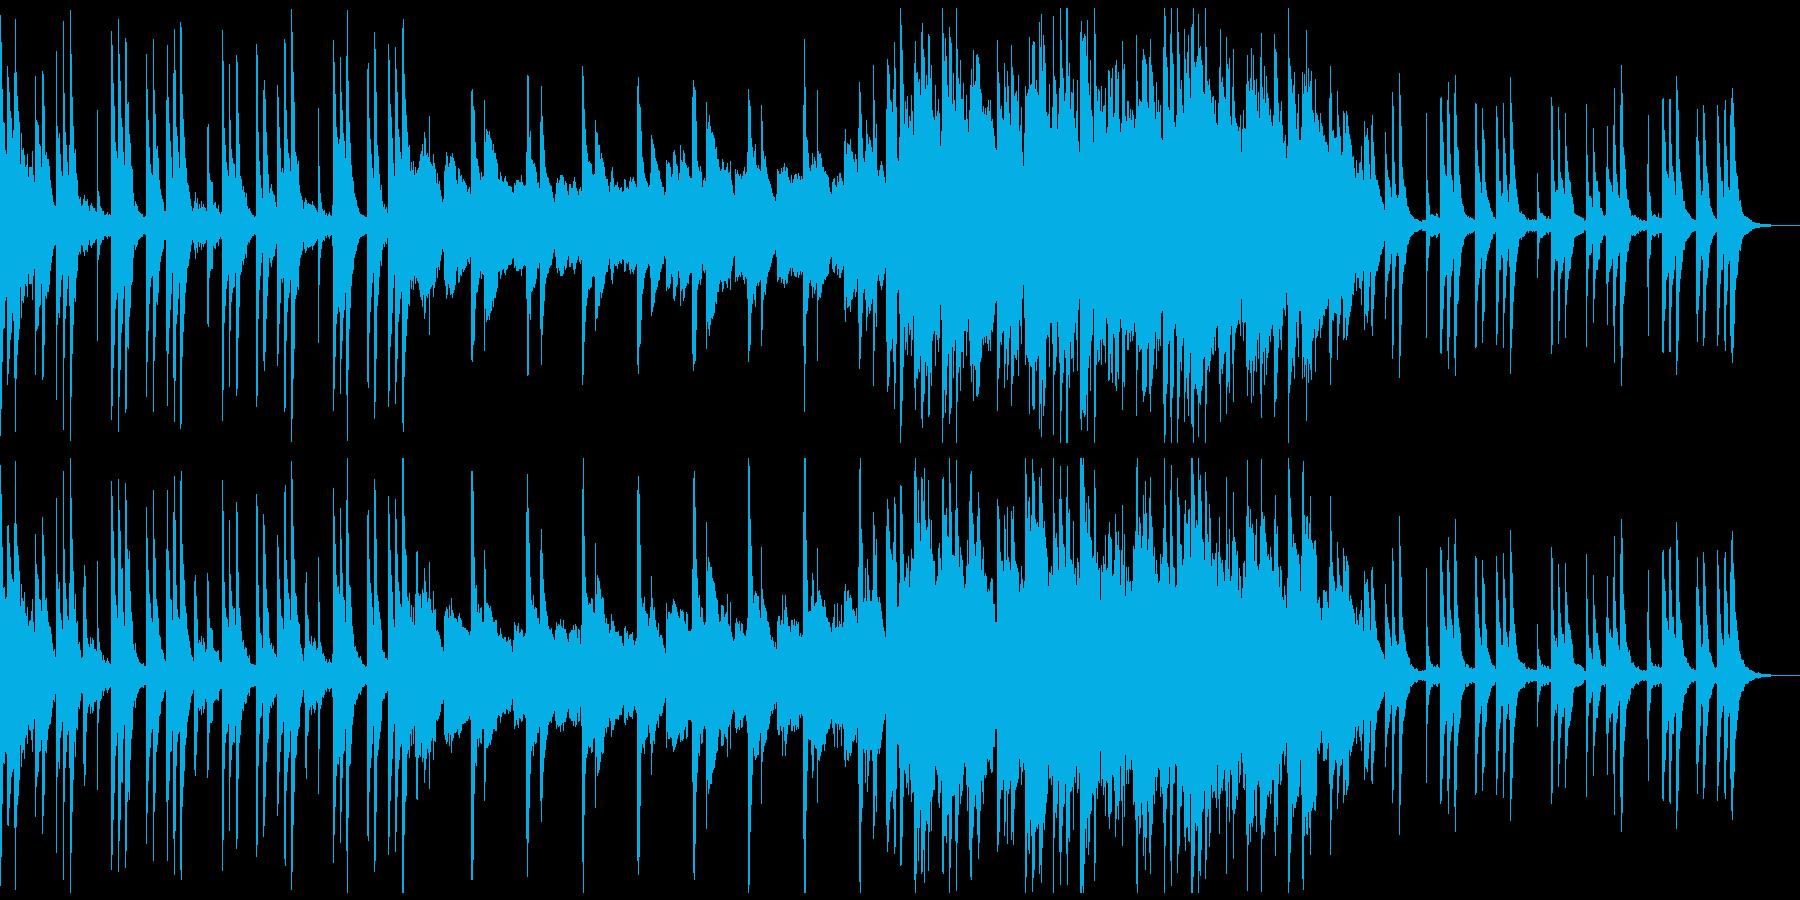 和を感じる曲の再生済みの波形